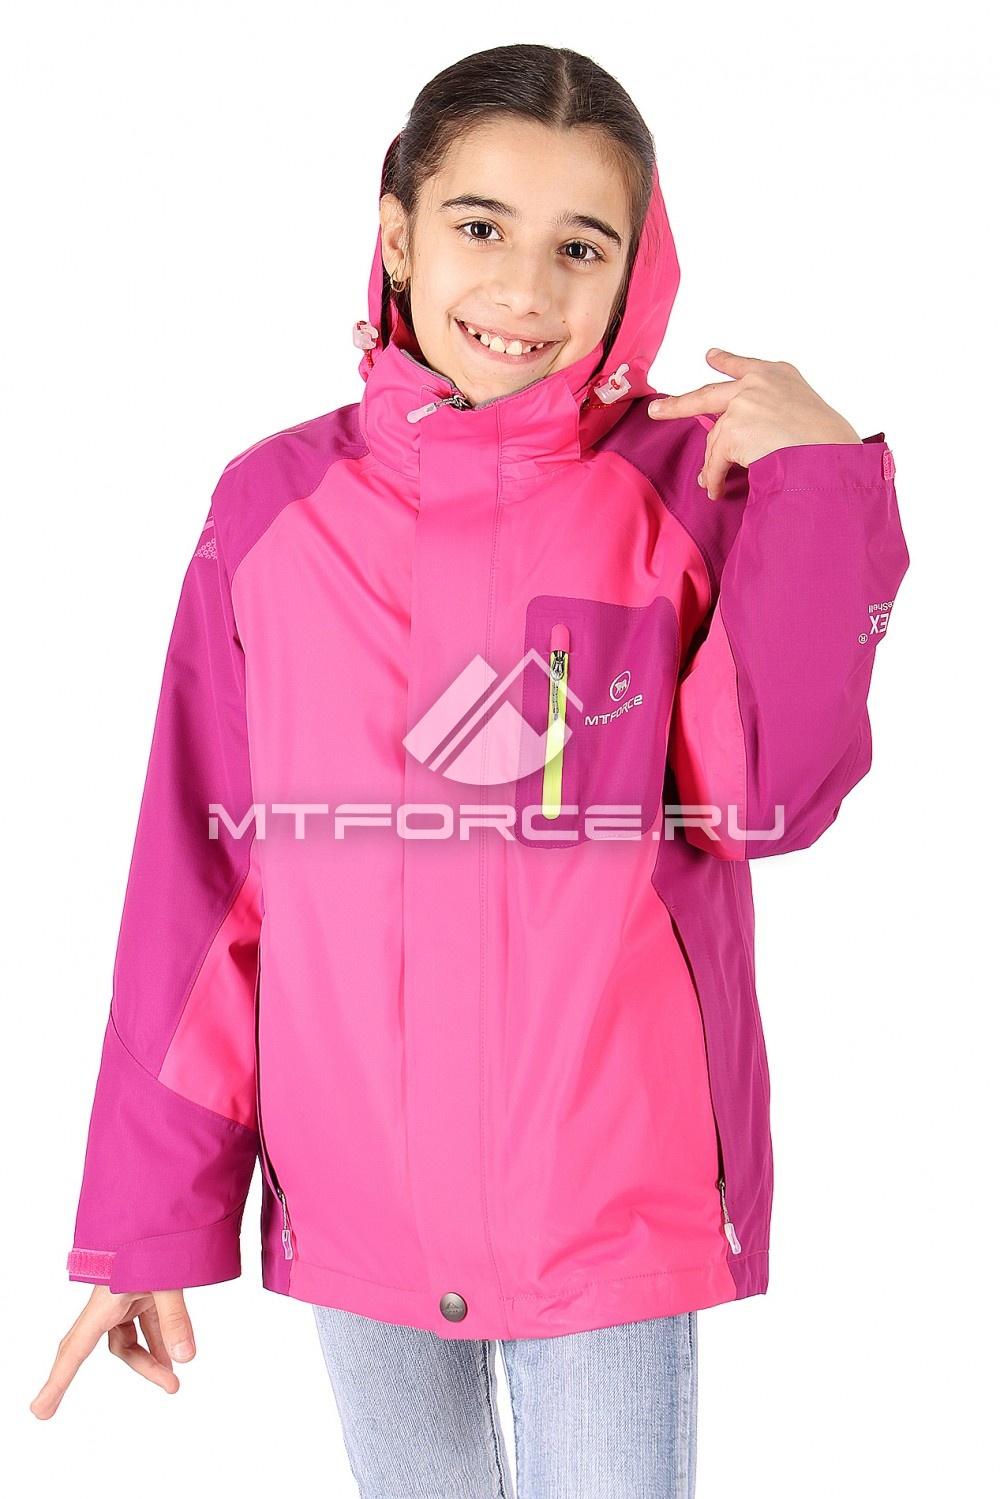 Купить оптом Куртка девочка три в одном малинового цвета 303М